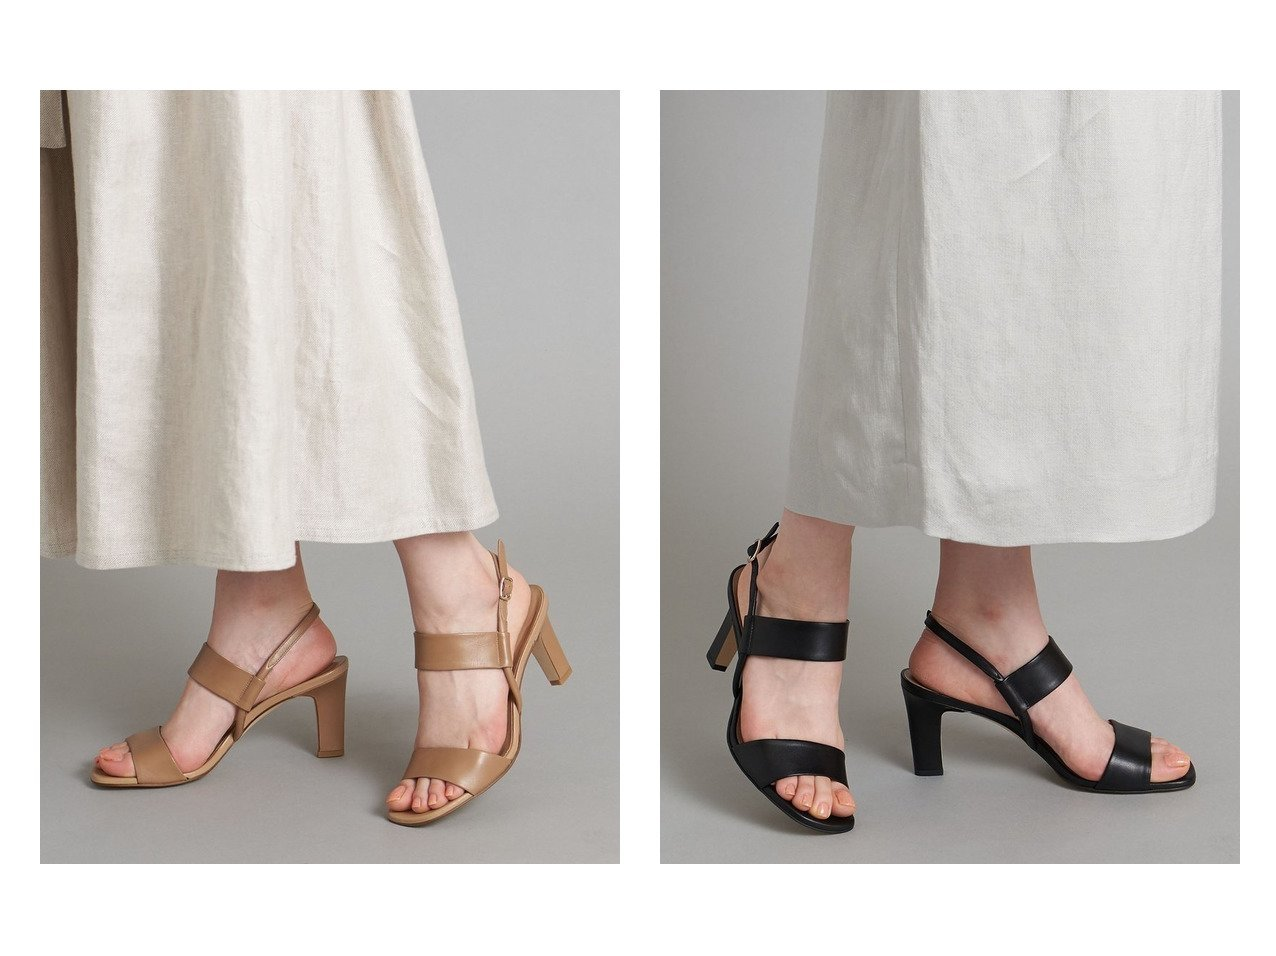 【Odette e Odile/オデット エ オディール】のOFD スライドベルト サンダル70↓↑ 【シューズ・靴】おすすめ!人気トレンド・レディースファッション通販 おすすめで人気の流行・トレンド、ファッションの通販商品 インテリア・家具・メンズファッション・キッズファッション・レディースファッション・服の通販 founy(ファニー) https://founy.com/ ファッション Fashion レディースファッション WOMEN ベルト Belts おすすめ Recommend サンダル シューズ ミュール ラップ  ID:crp329100000050707